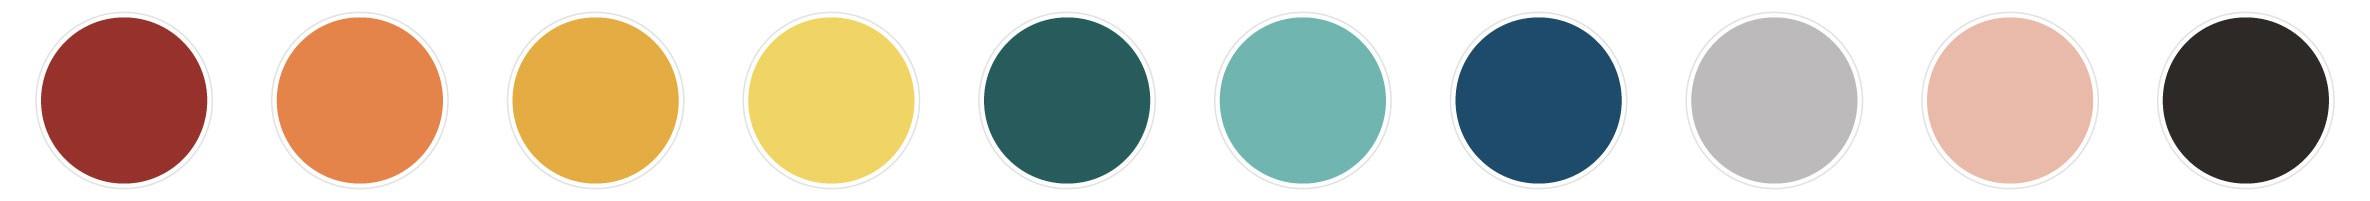 Sc preview colorpalette december desktop